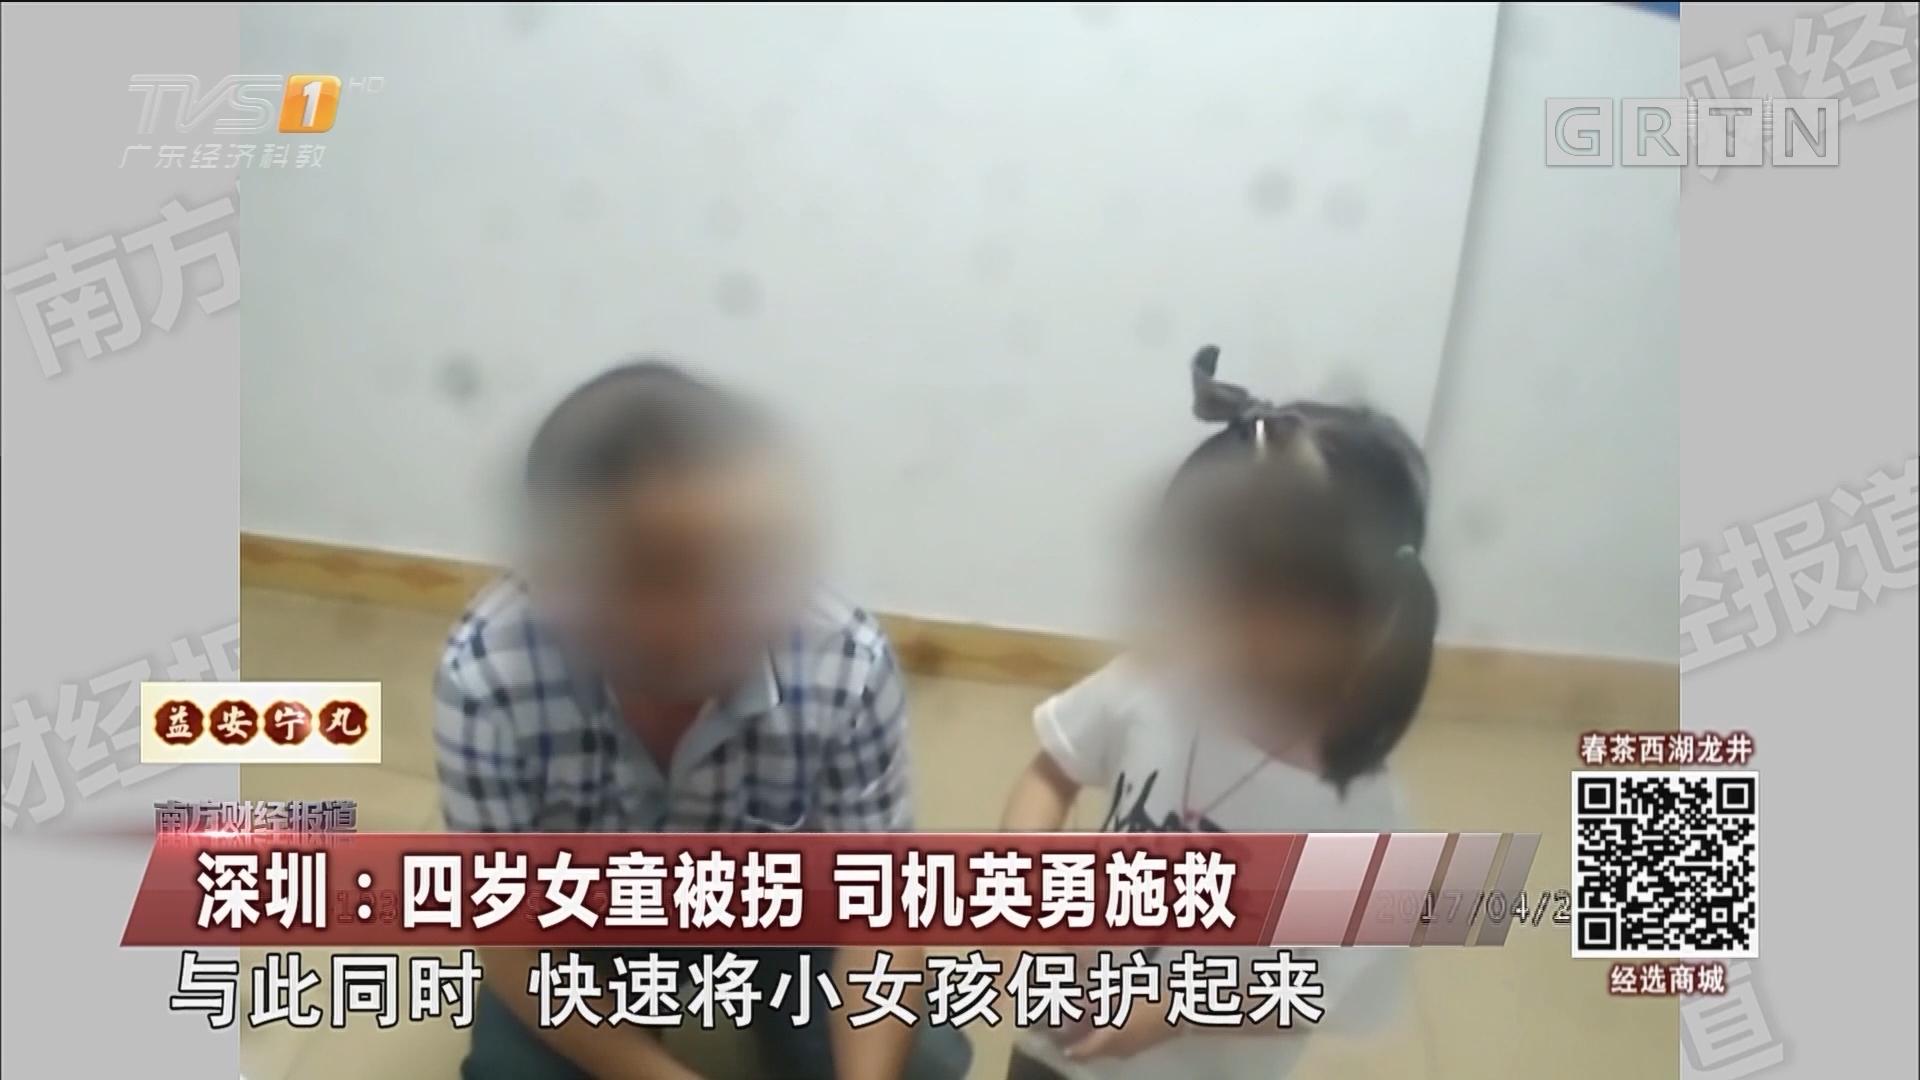 深圳:四岁女童被拐 司机英勇施救